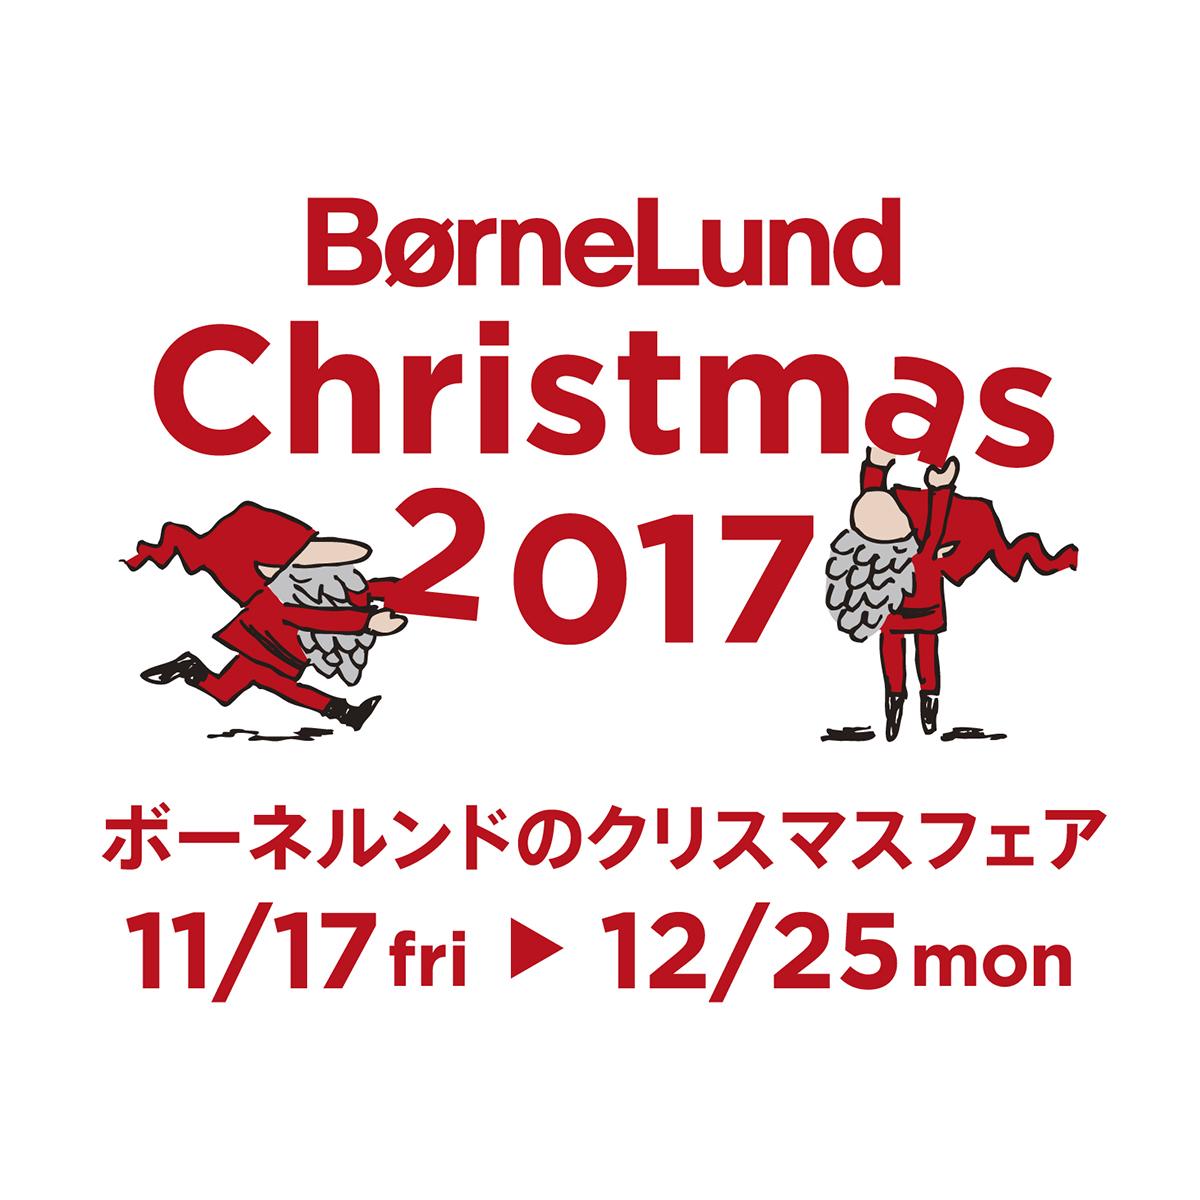 ボーネルンドのクリスマスフェア